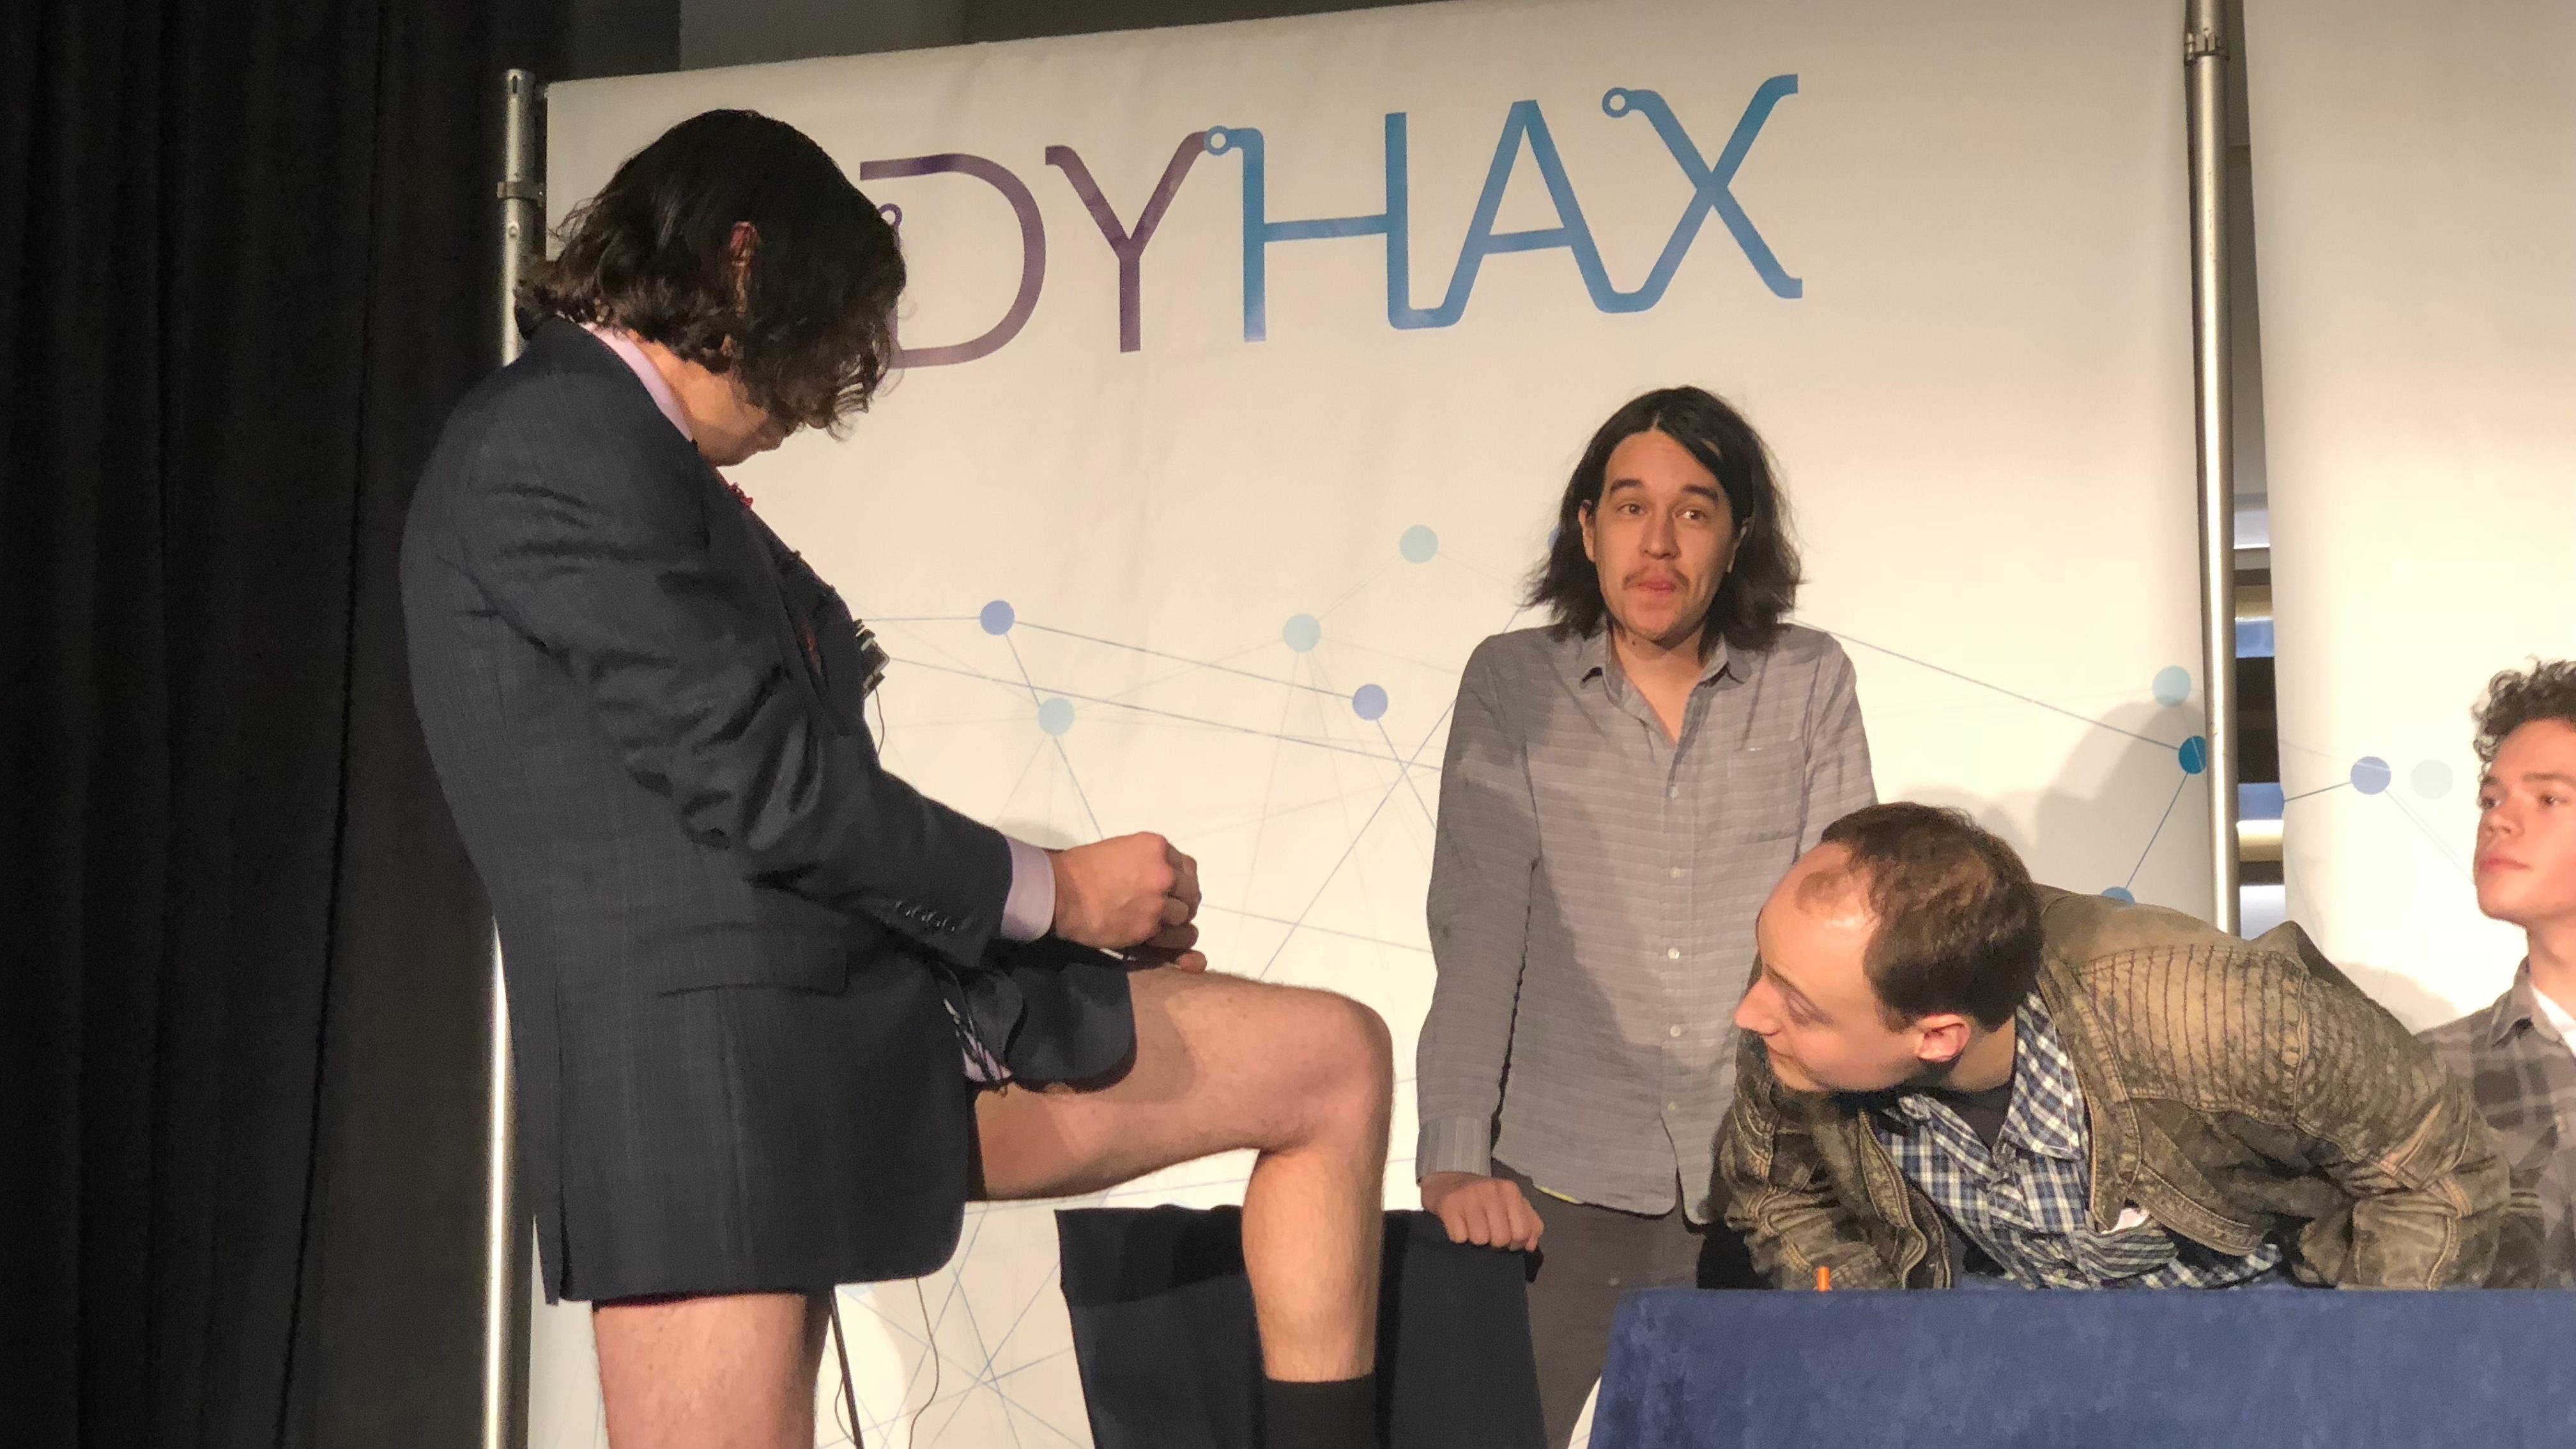 Aaron Traywick si aplikuje biohackerskou léčbu. Kredit: Kristen V. Brown